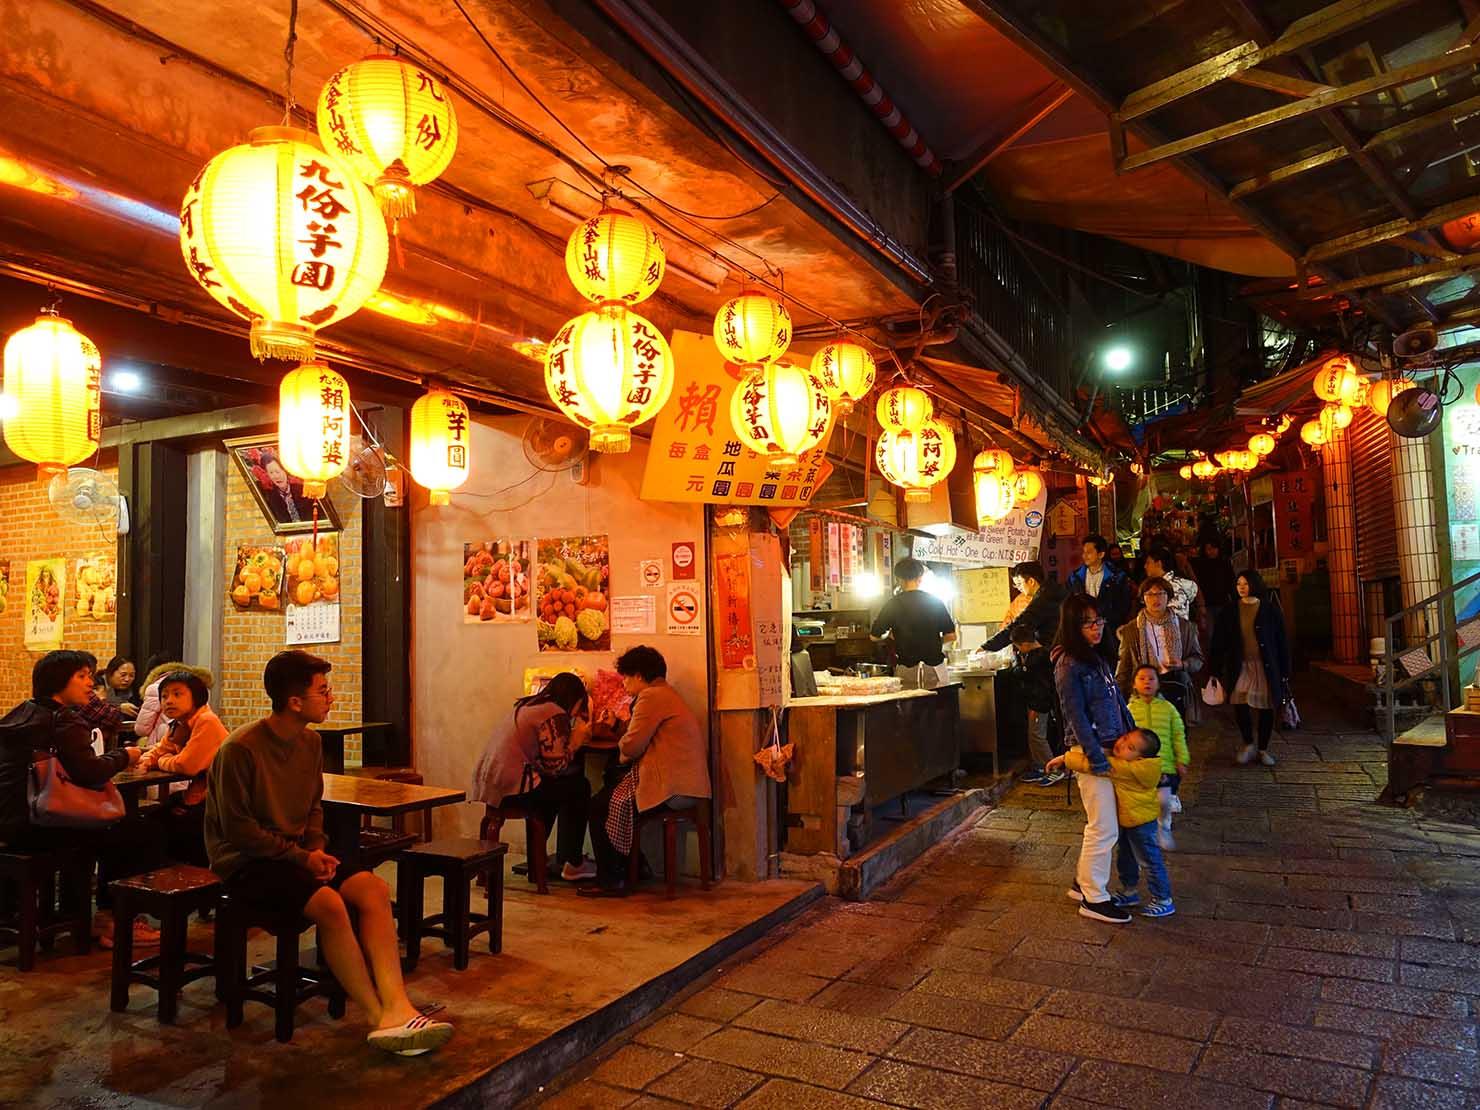 台北・九份老街にある芋圓店の夜景